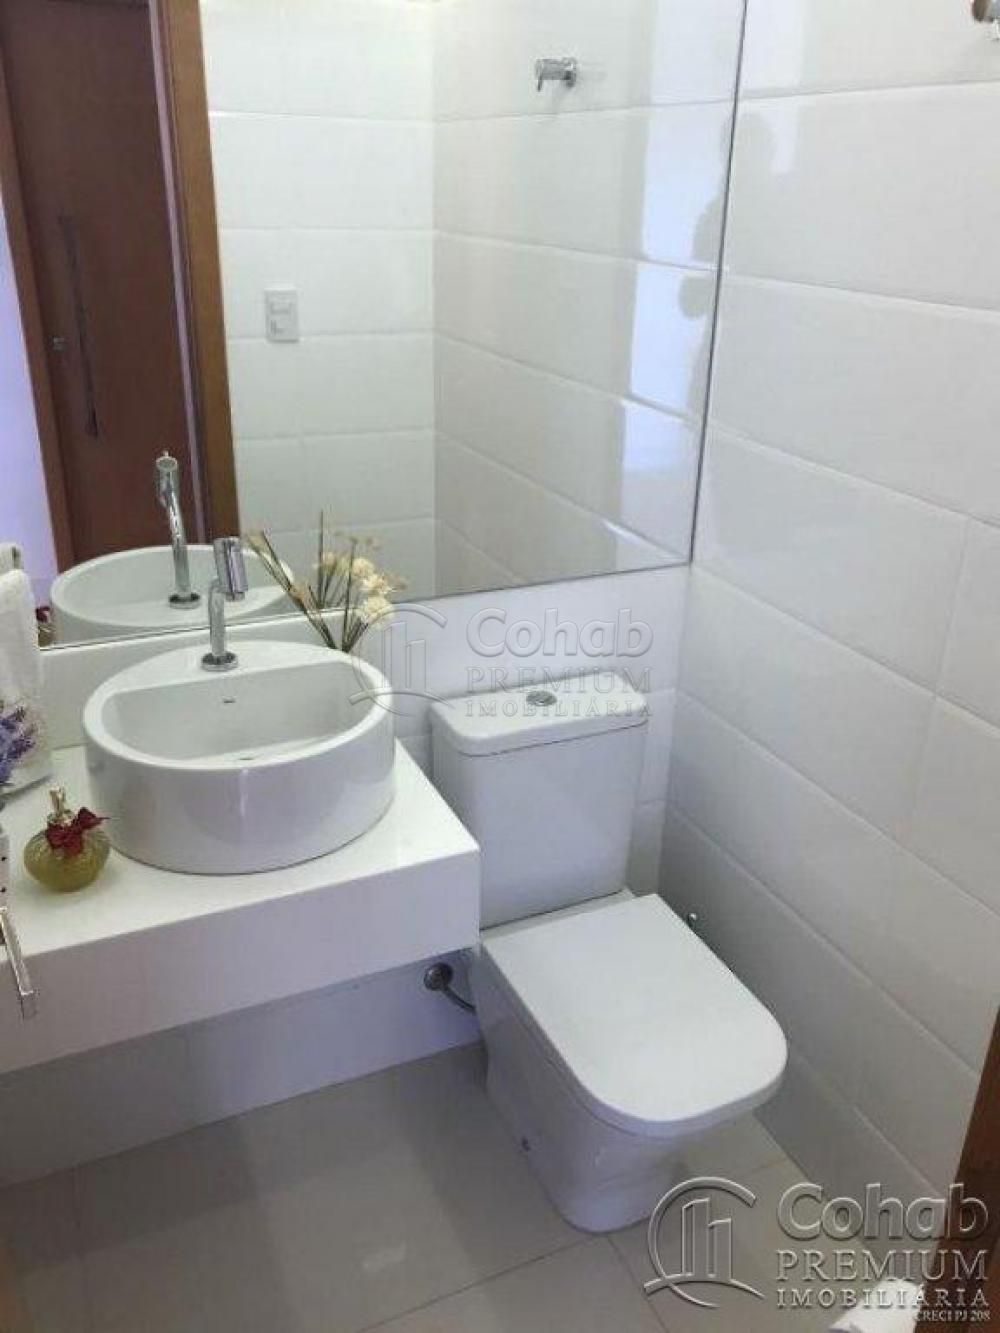 Comprar Apartamento / Padrão em Aracaju apenas R$ 1.450.000,00 - Foto 8